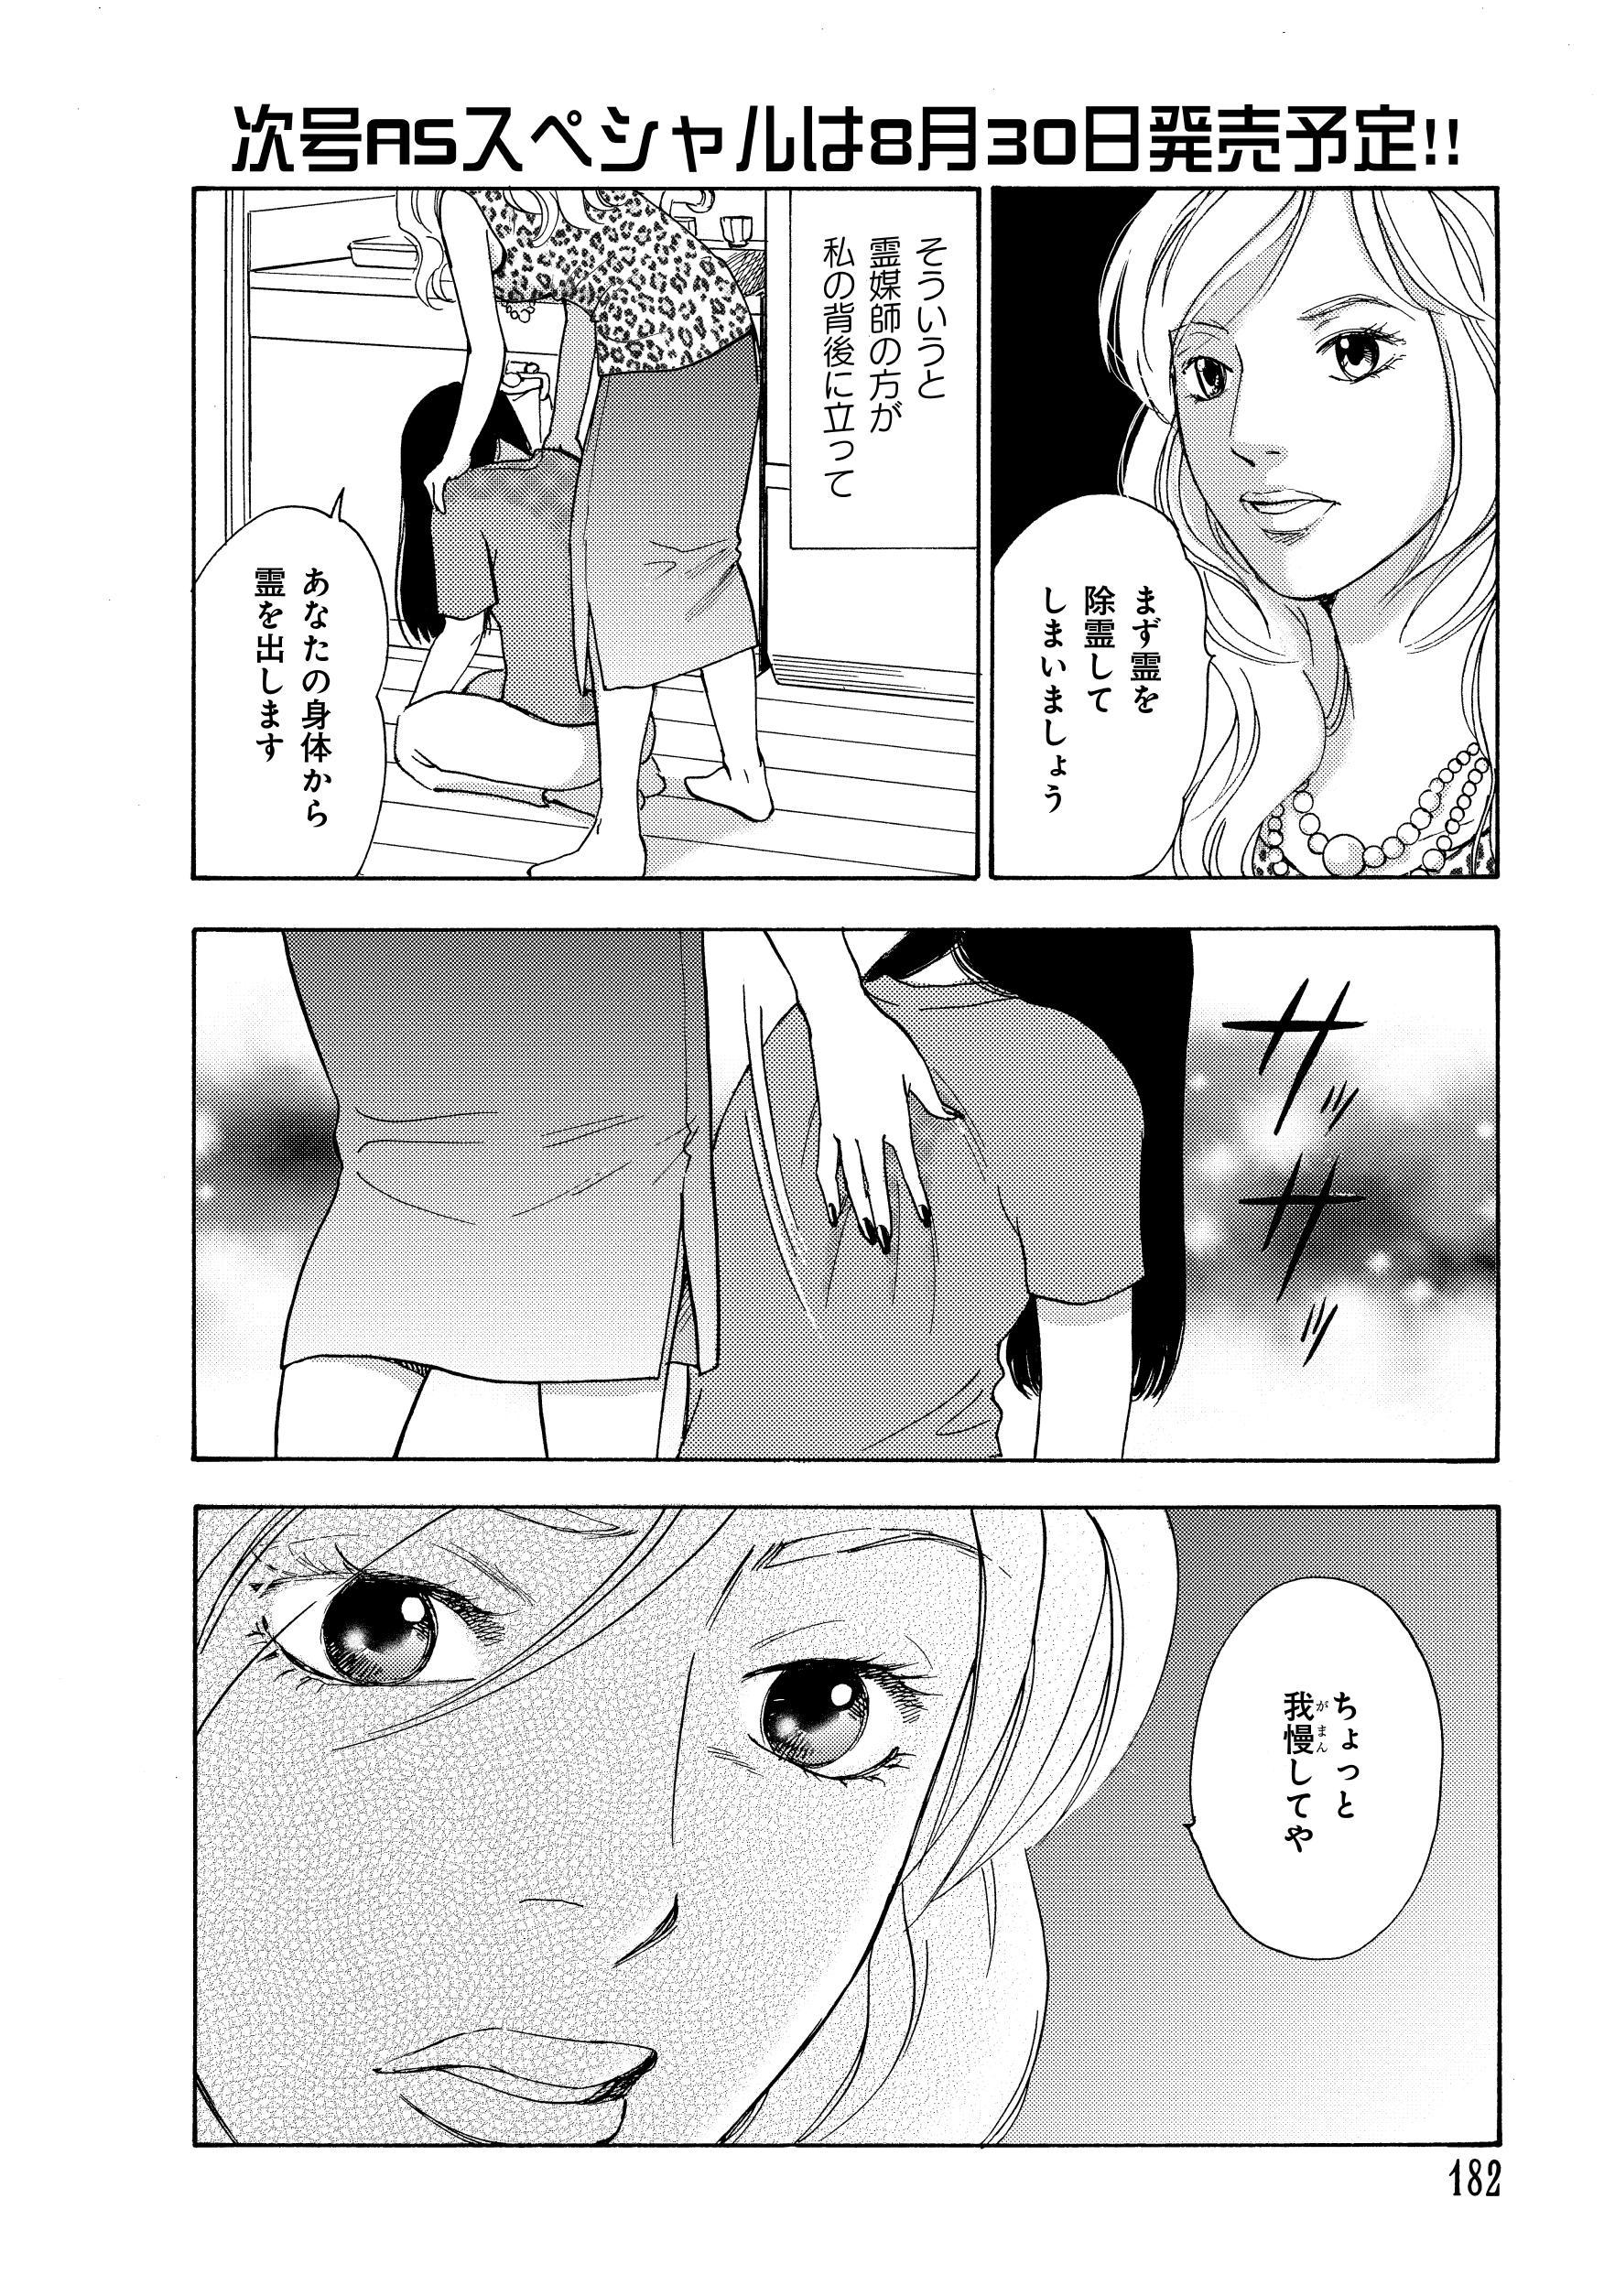 原作特集_182.jpg